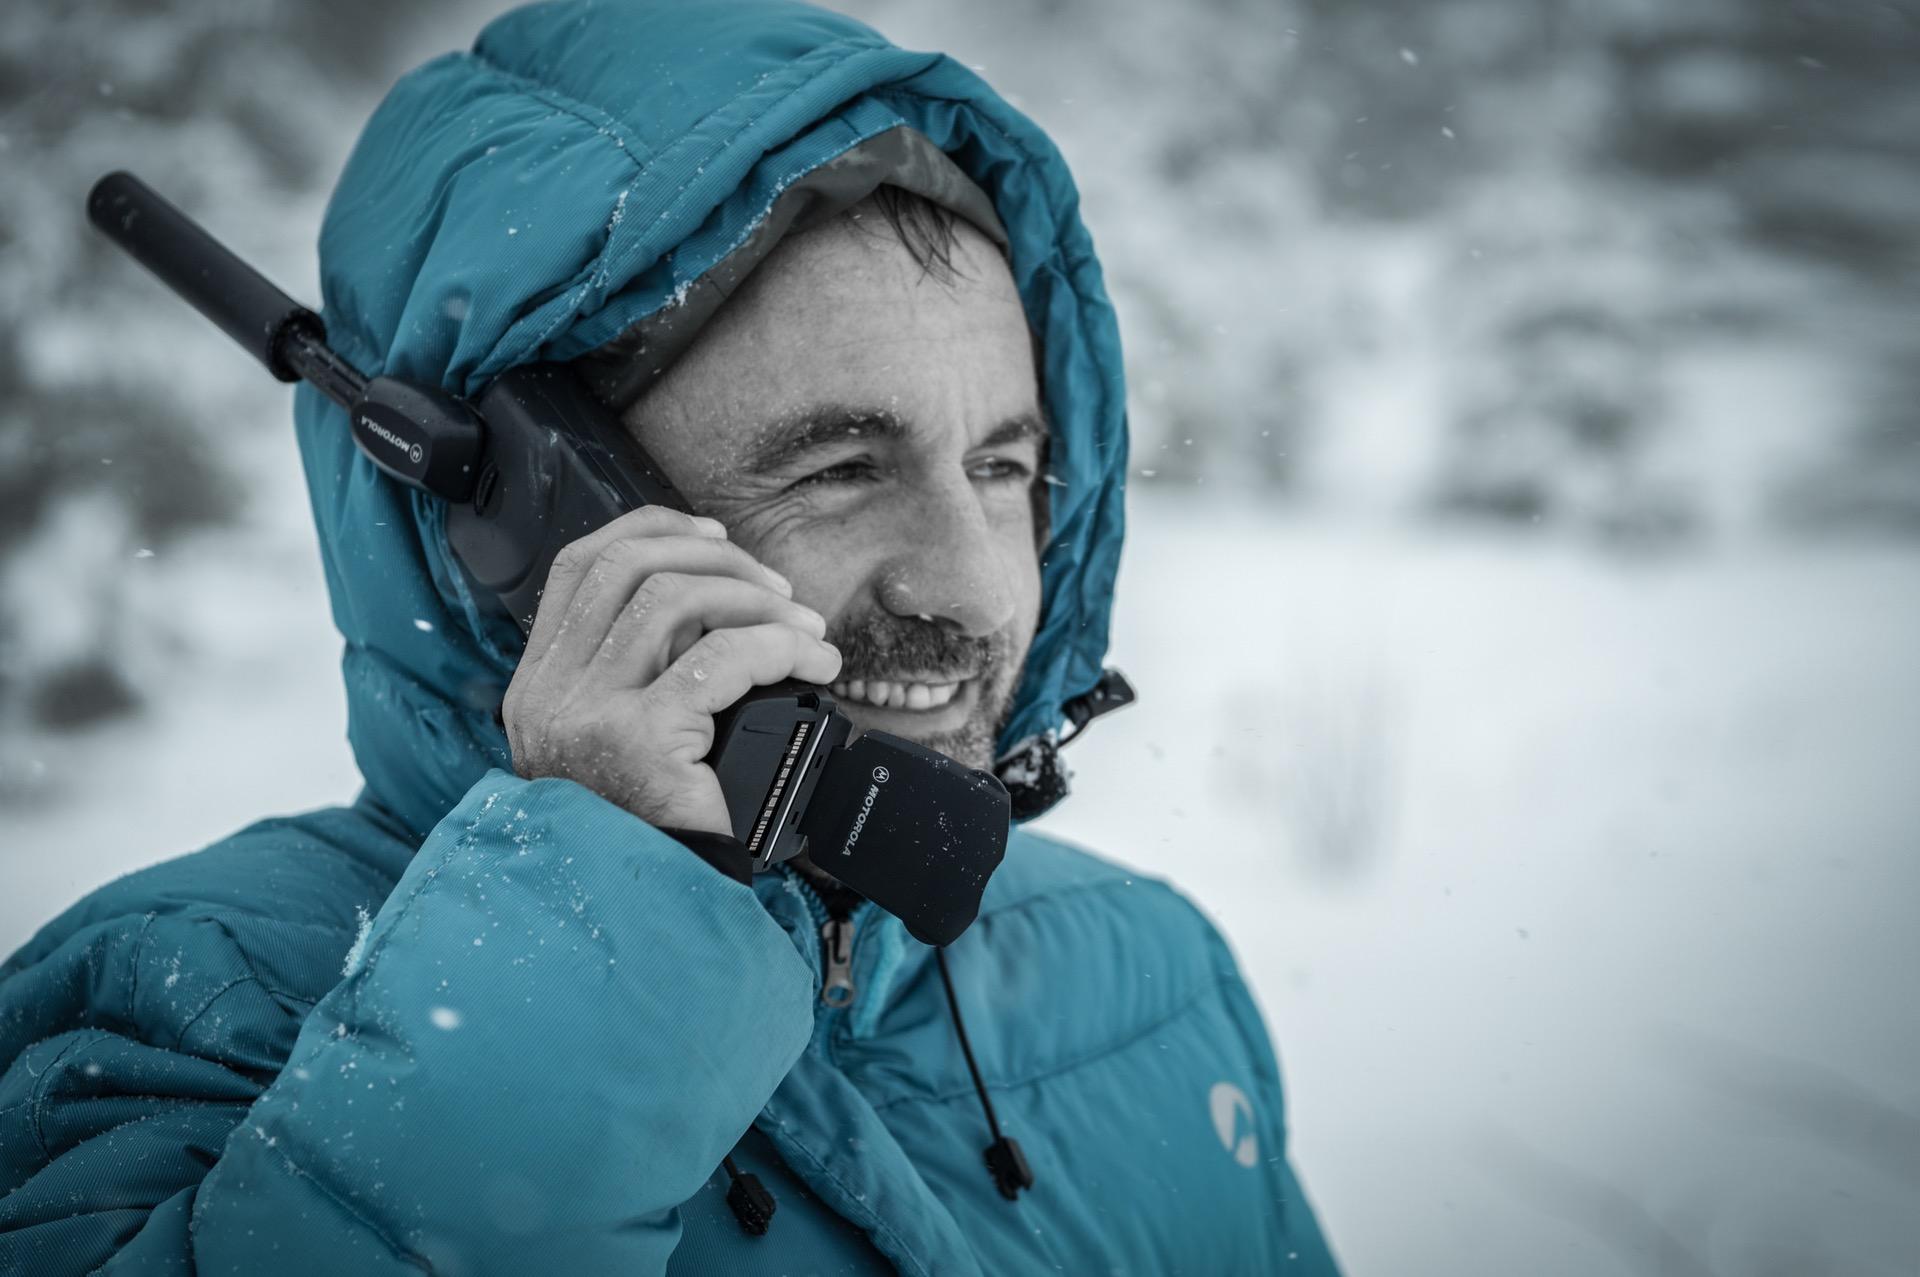 Raport na temat rynku mobilnego, który wiele zmieni Spicy Mobile mediarun raport mobile roaming